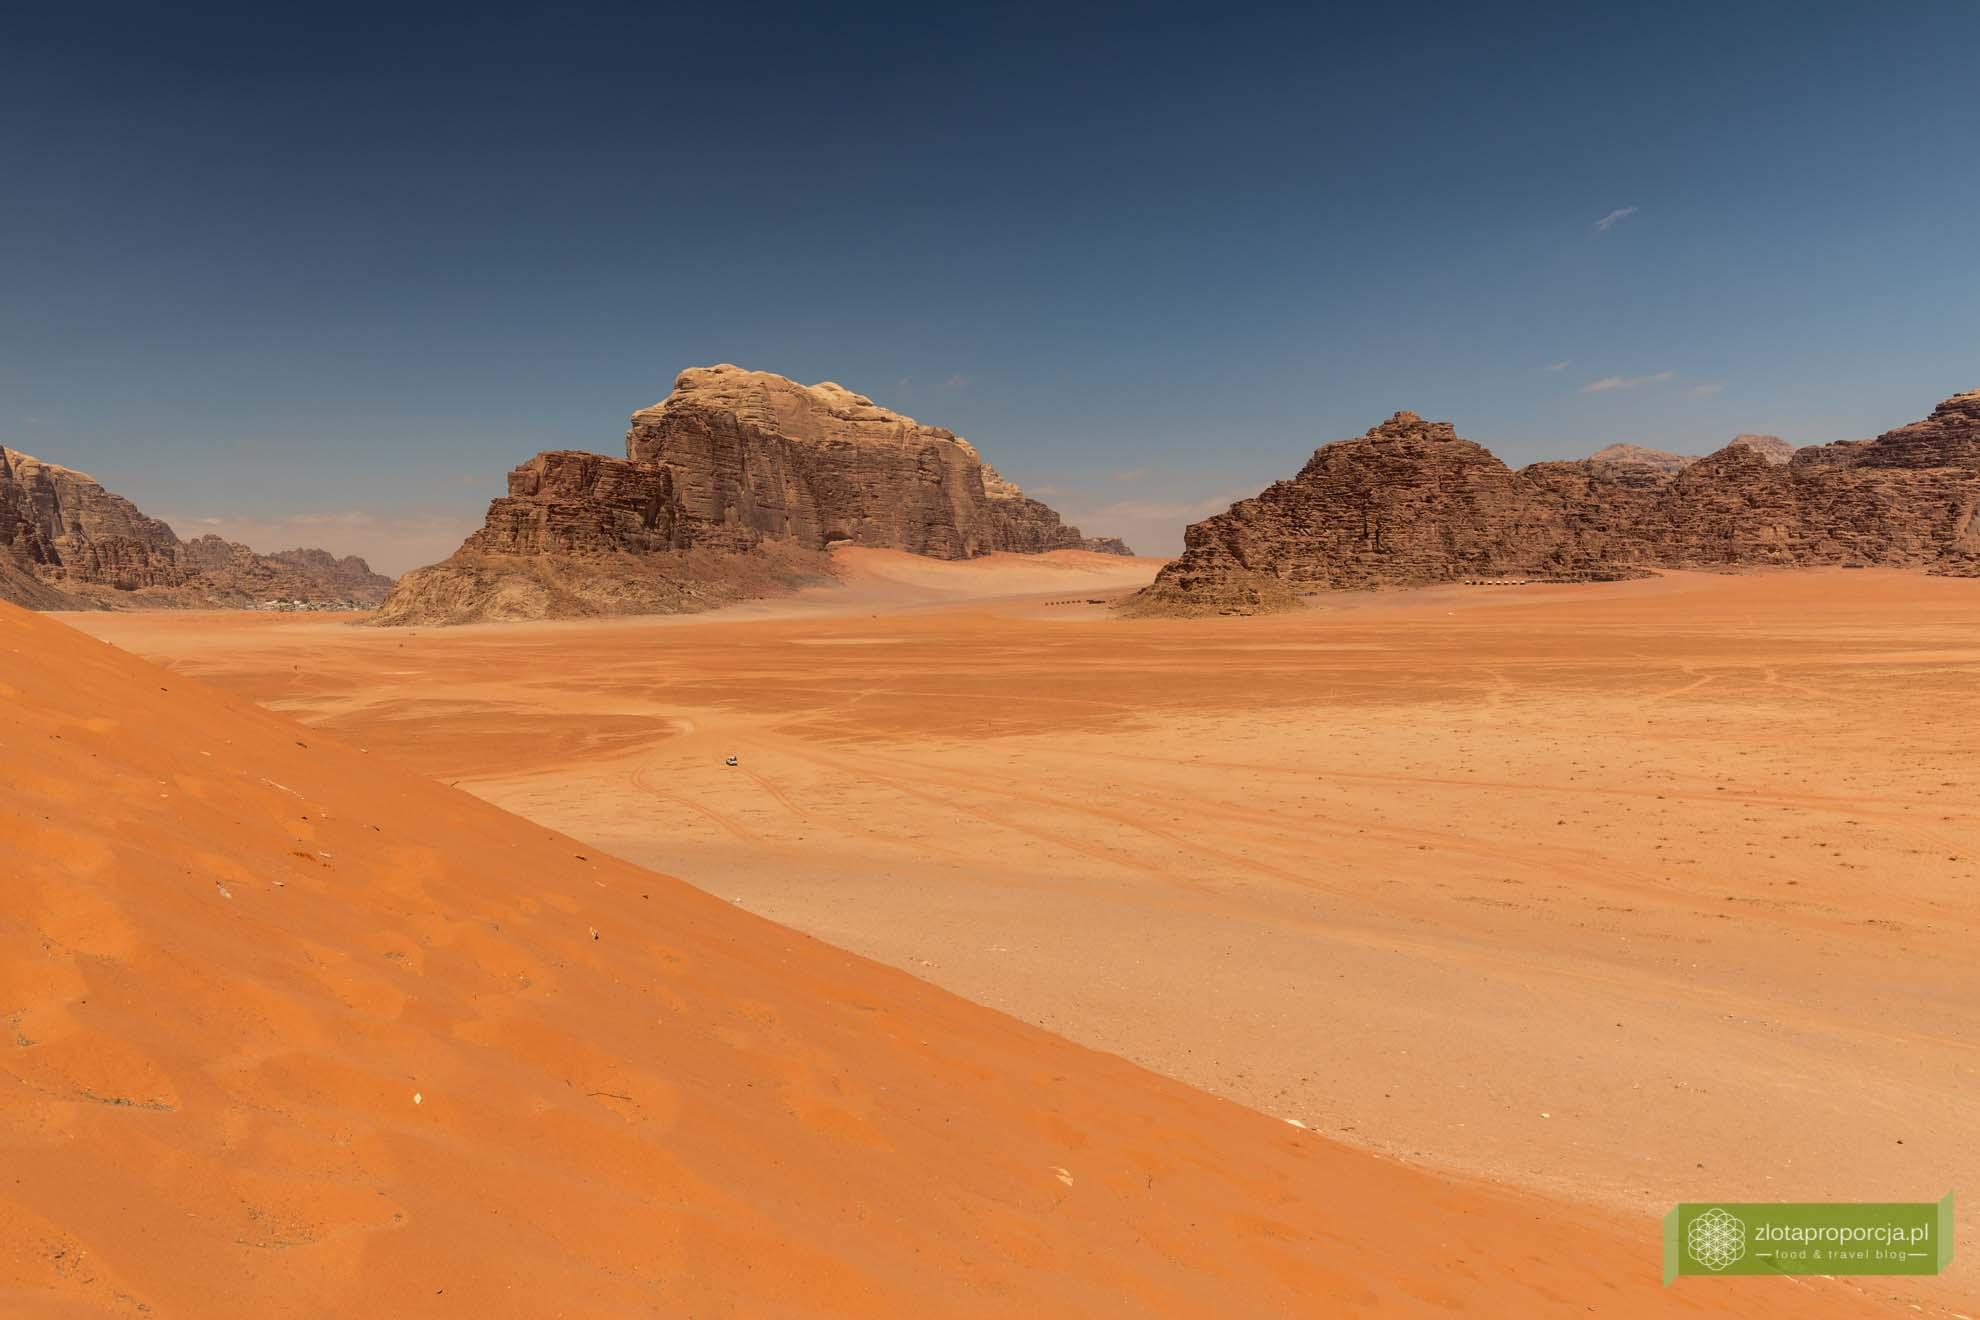 Wadi Rum, pustynia Wadi Rum, Jordania, pustynia Jordania; Wadi rum wycieczka, Wadi Rum zwiedzanie, Jordania atrakcje; Czerwona wydma Al Ramal; czerwona wydma Wadi Rum;